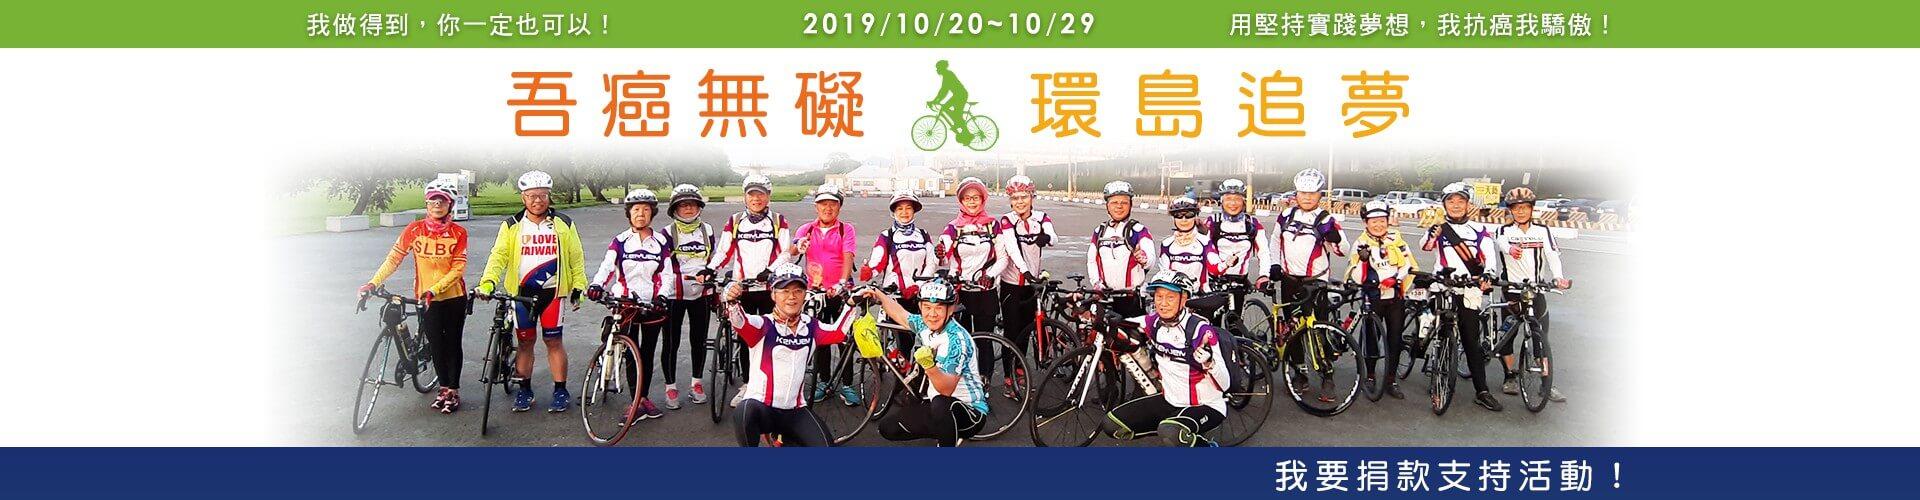 吾癌無礙單車環島活動,日期為2019/10/20-2019/10/29,歡迎大家捐款、捐贈物資給我們!